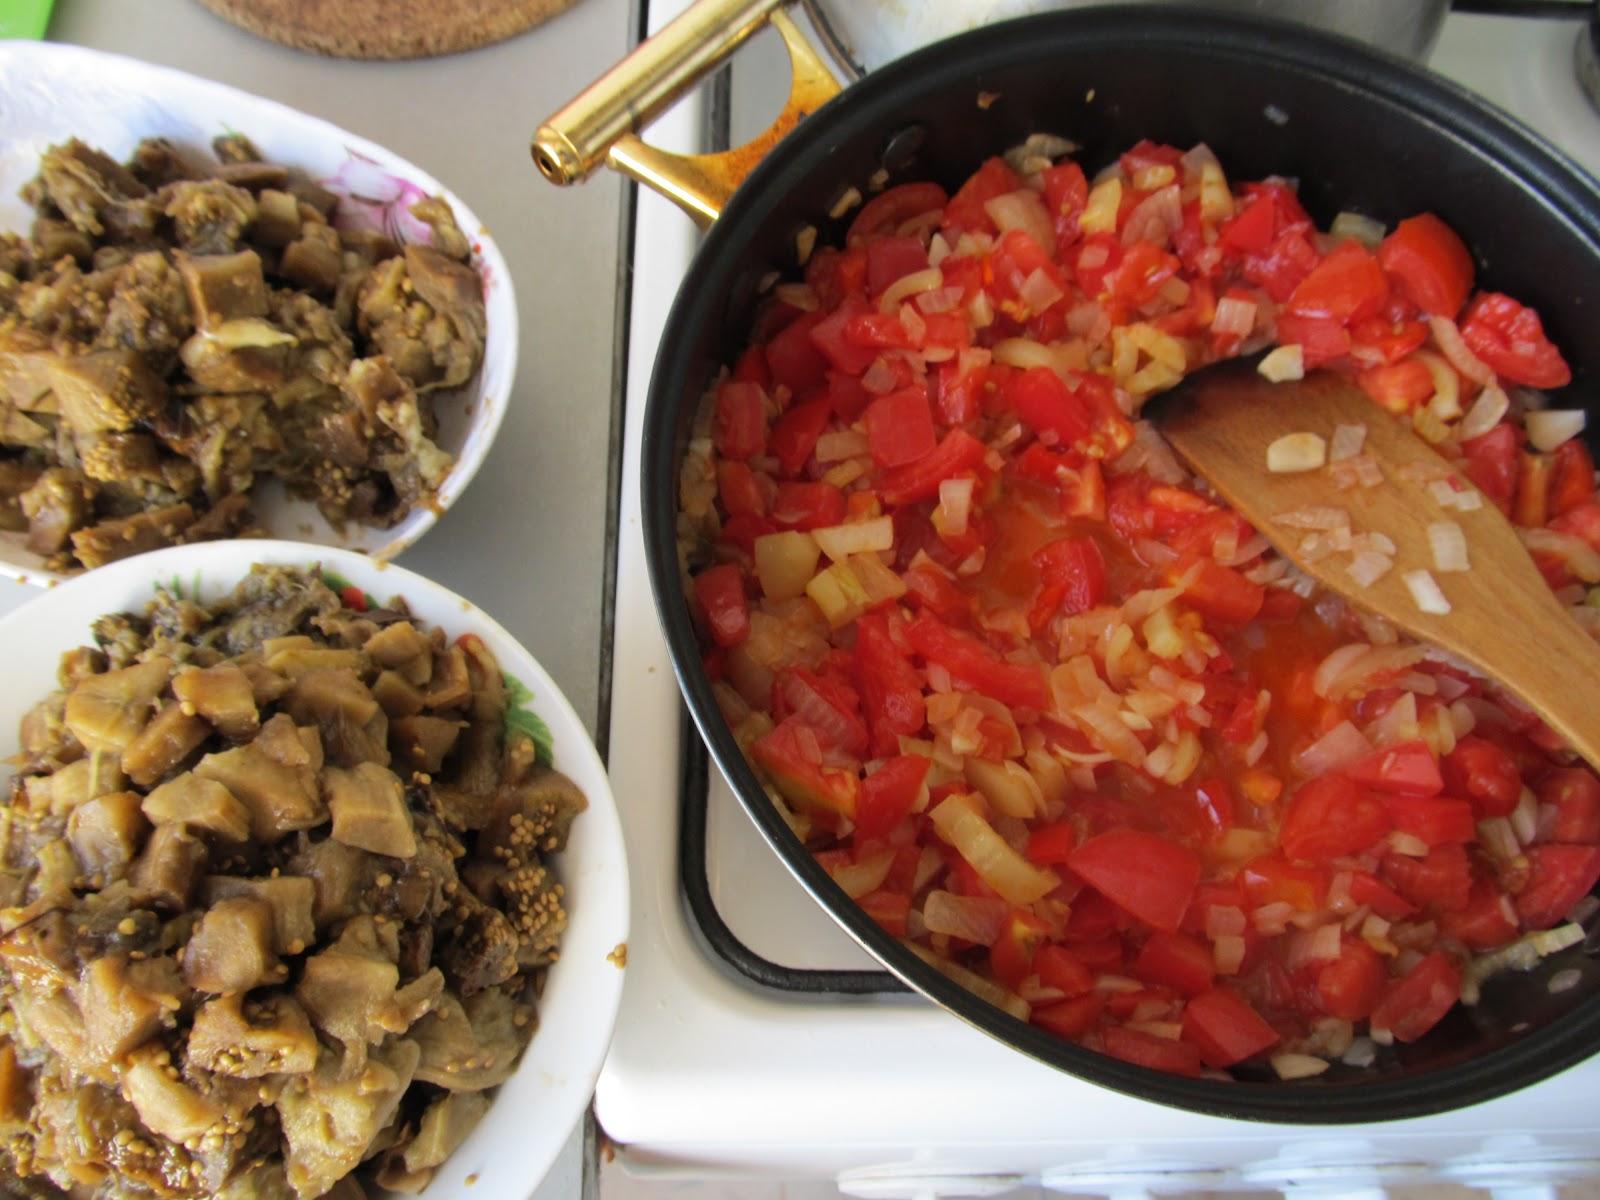 Нарізана м'якоть баклажанів та обсмажені овочі для ікри